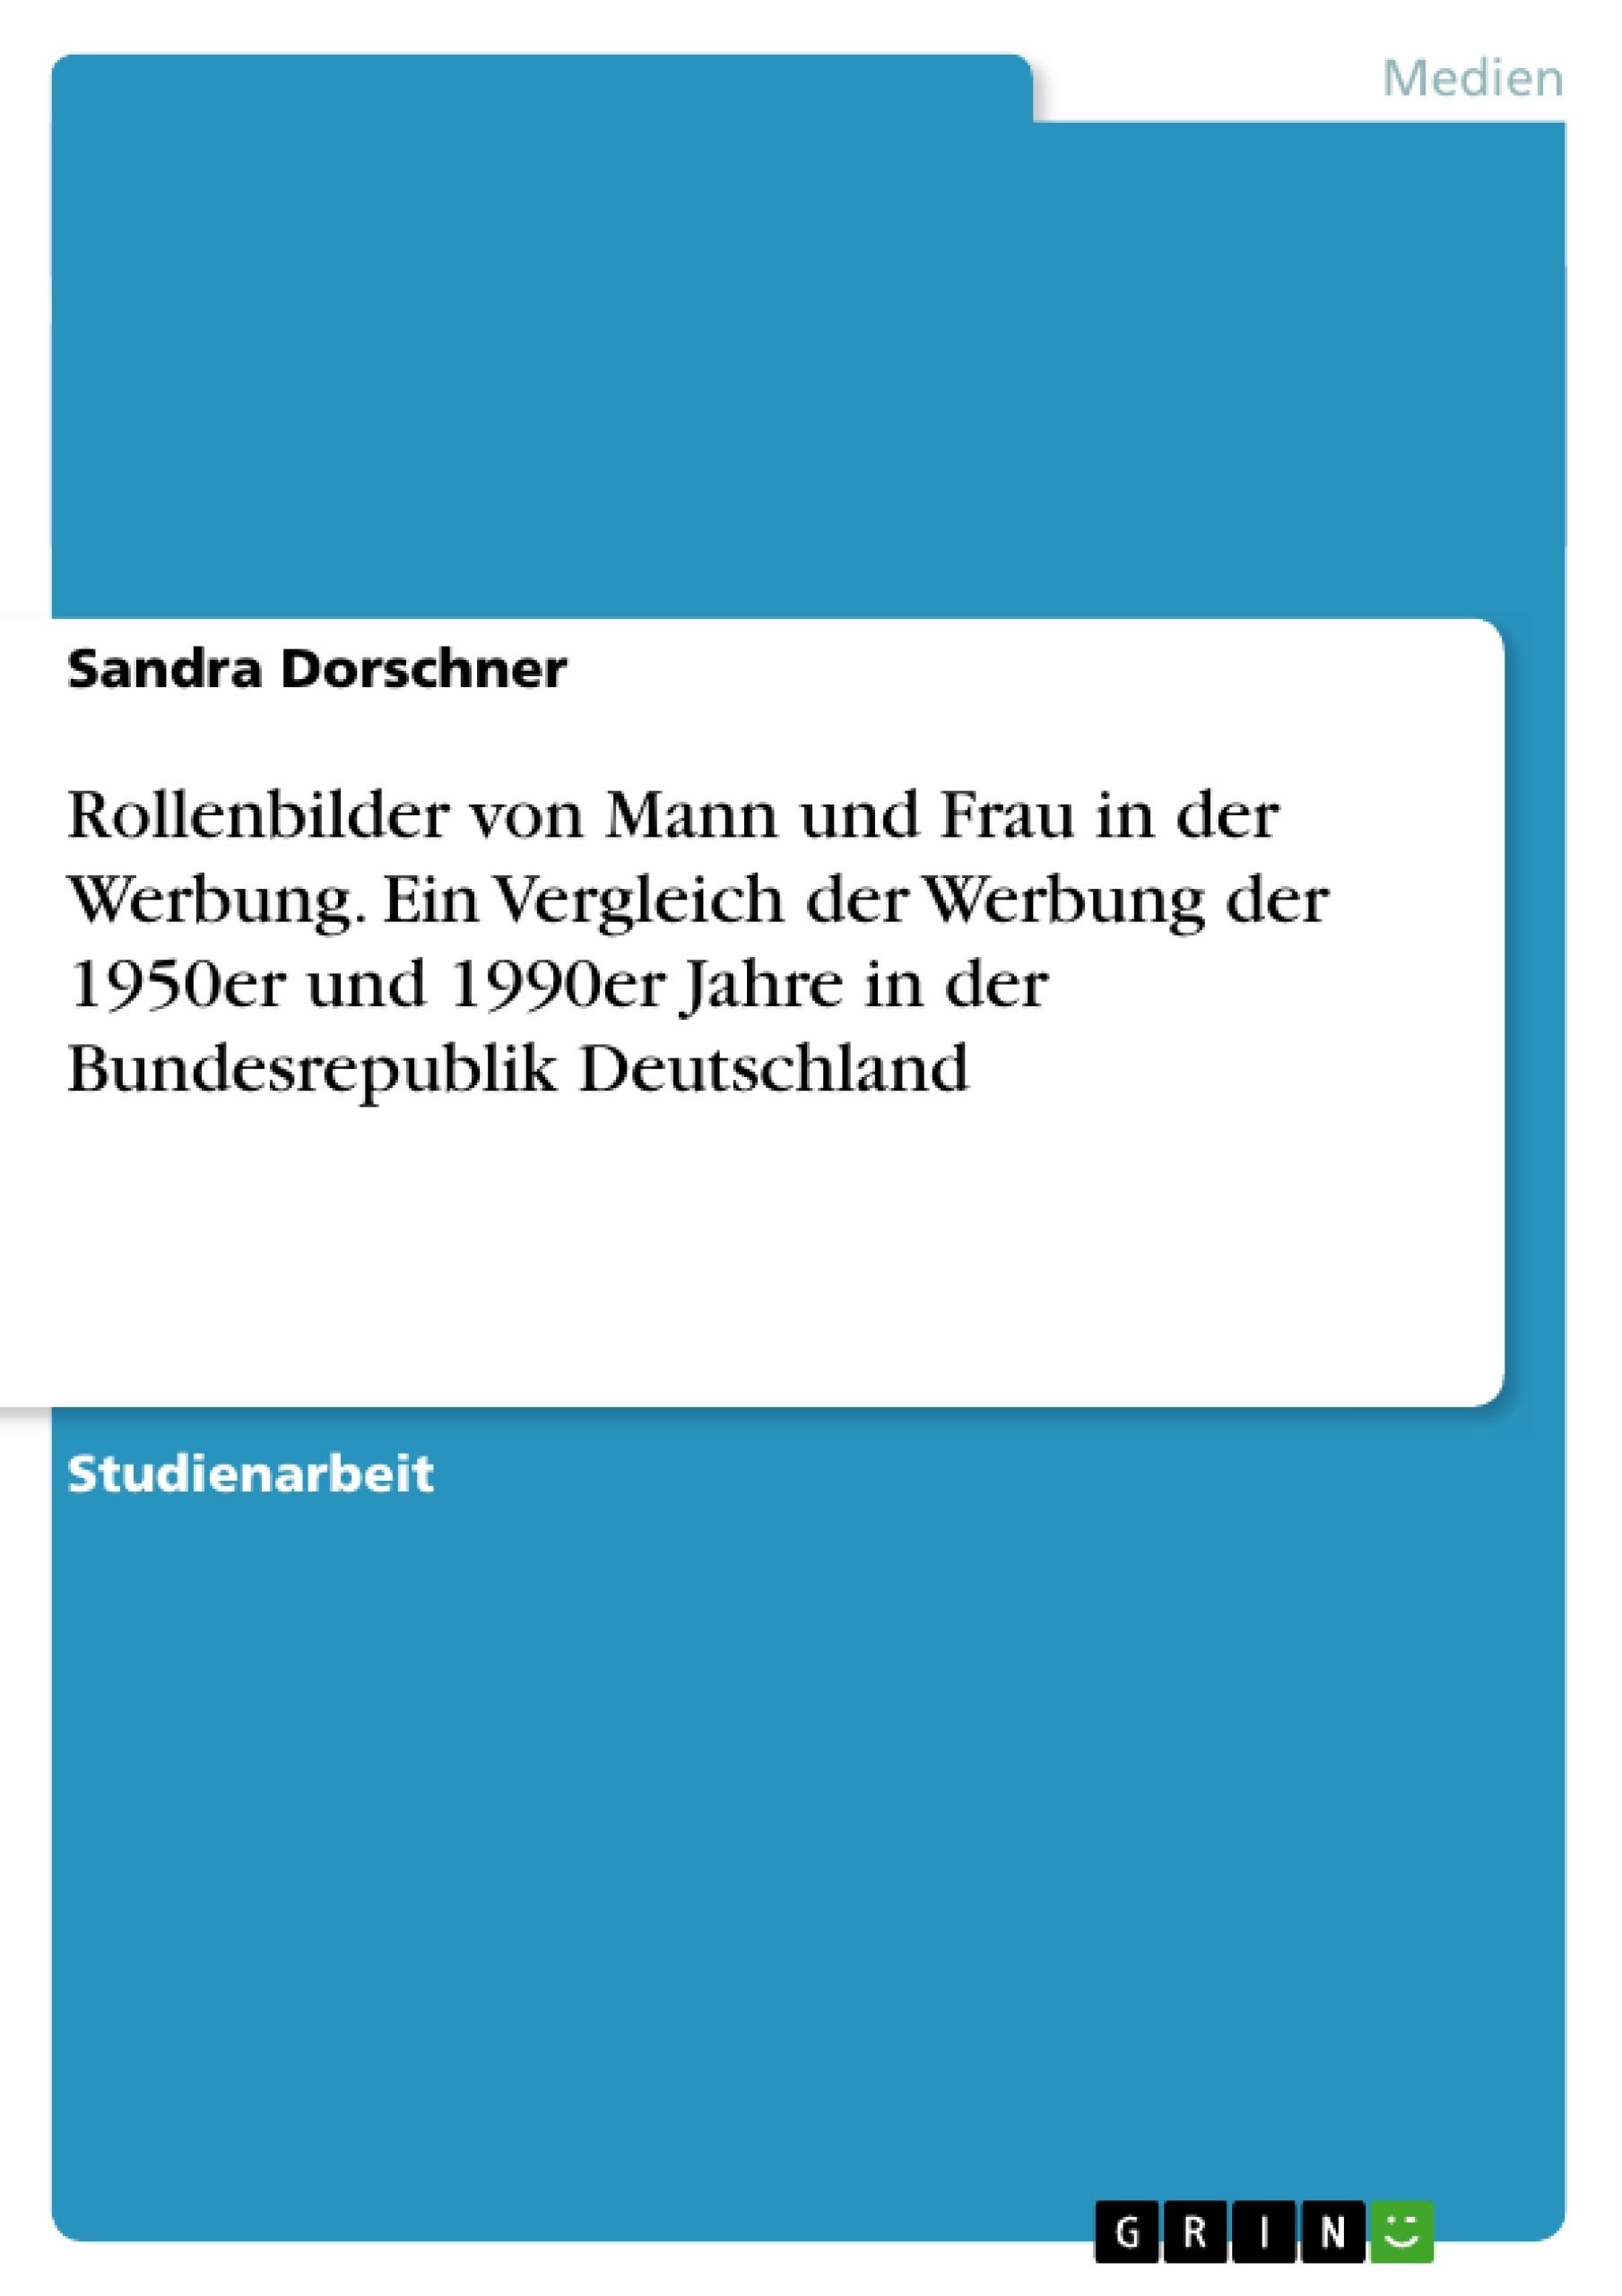 Titel: Rollenbilder von Mann und Frau in der Werbung. Ein Vergleich der Werbung der 1950er und 1990er Jahre in der Bundesrepublik Deutschland